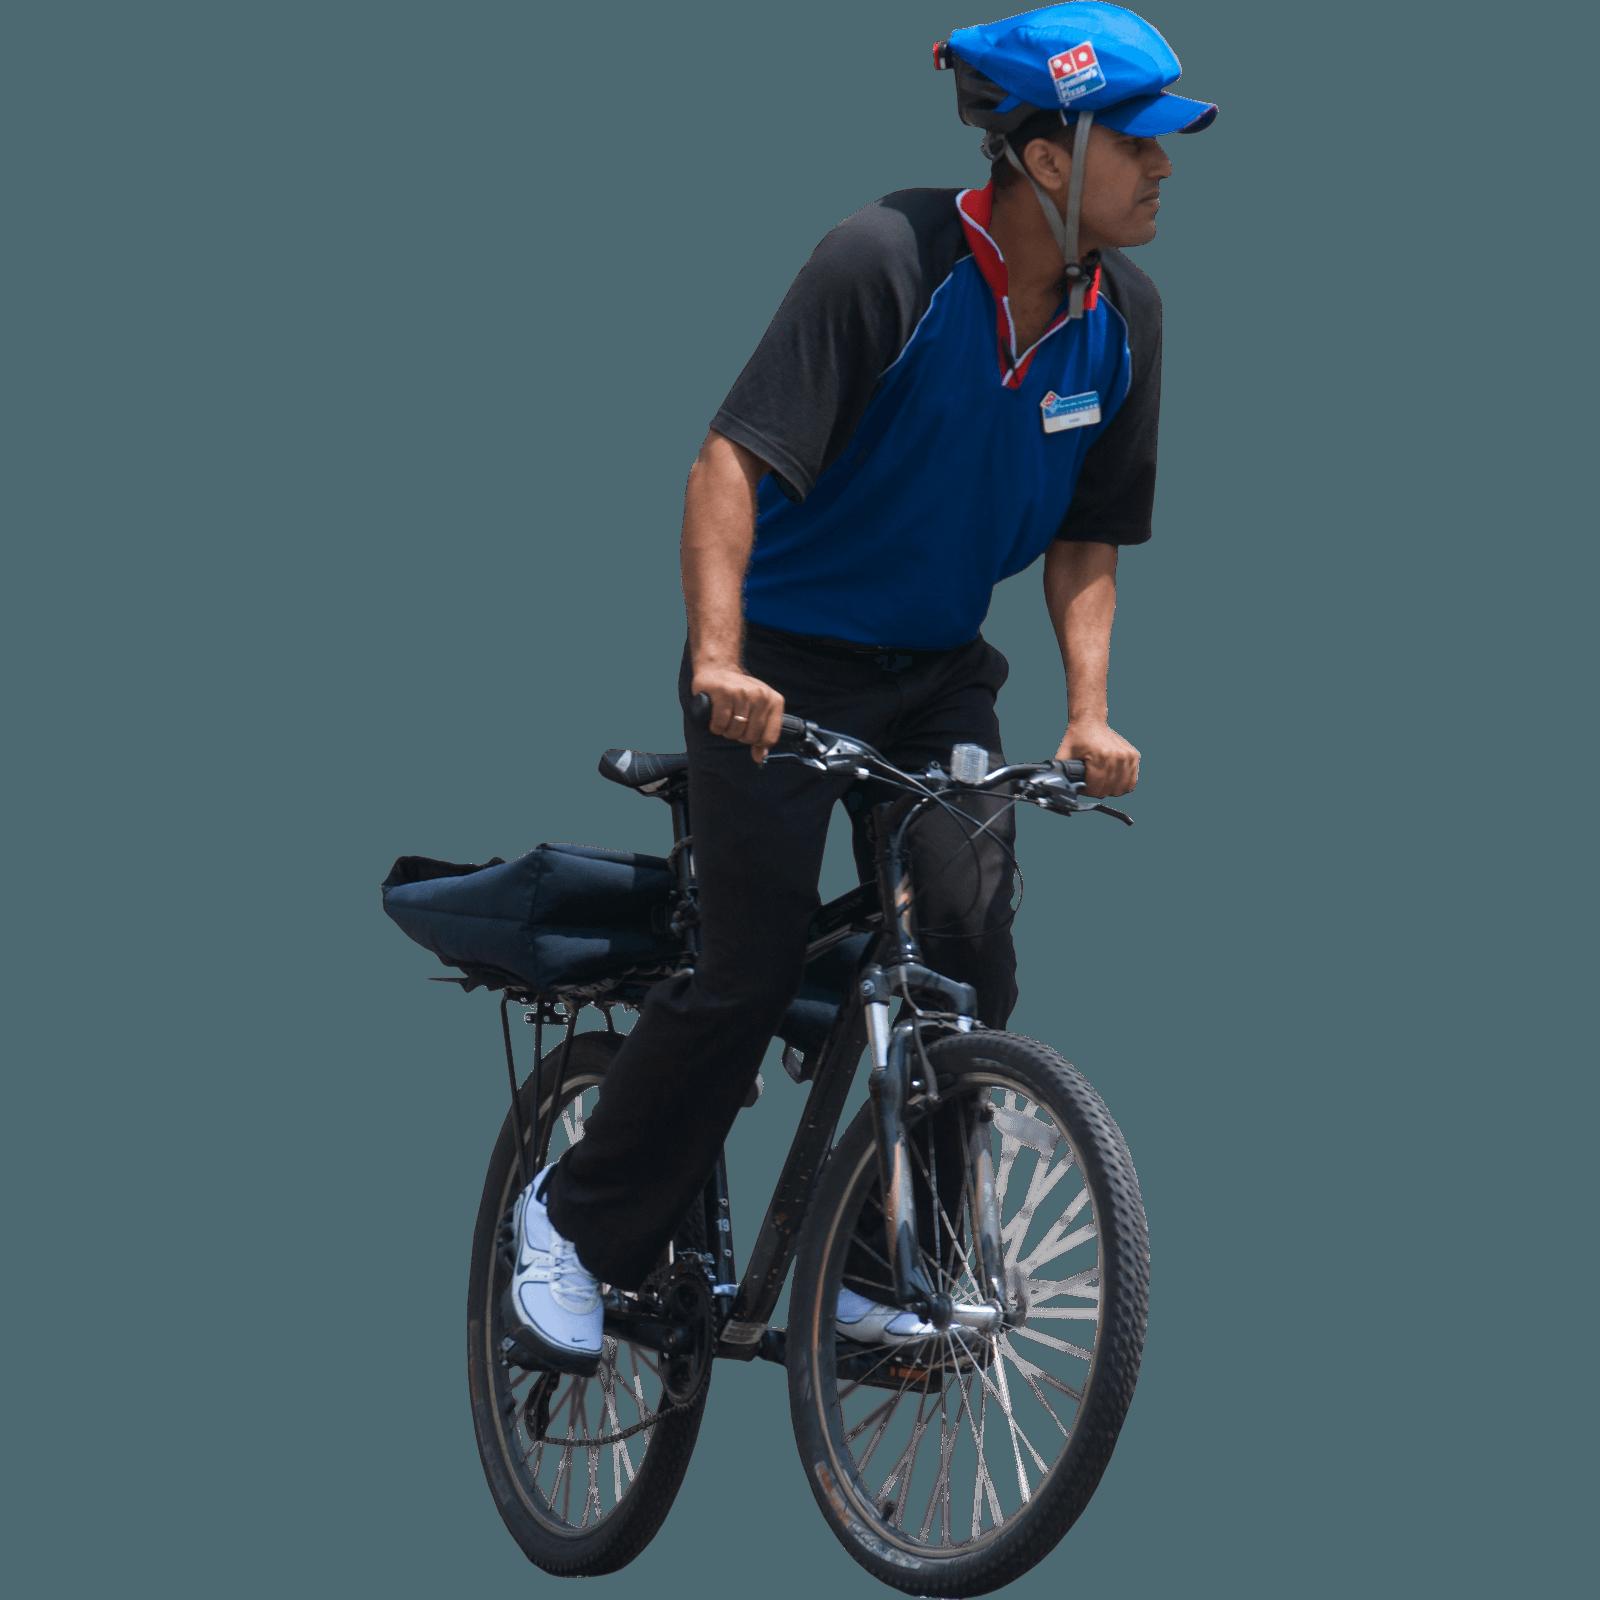 Man On Bicycle Png Image